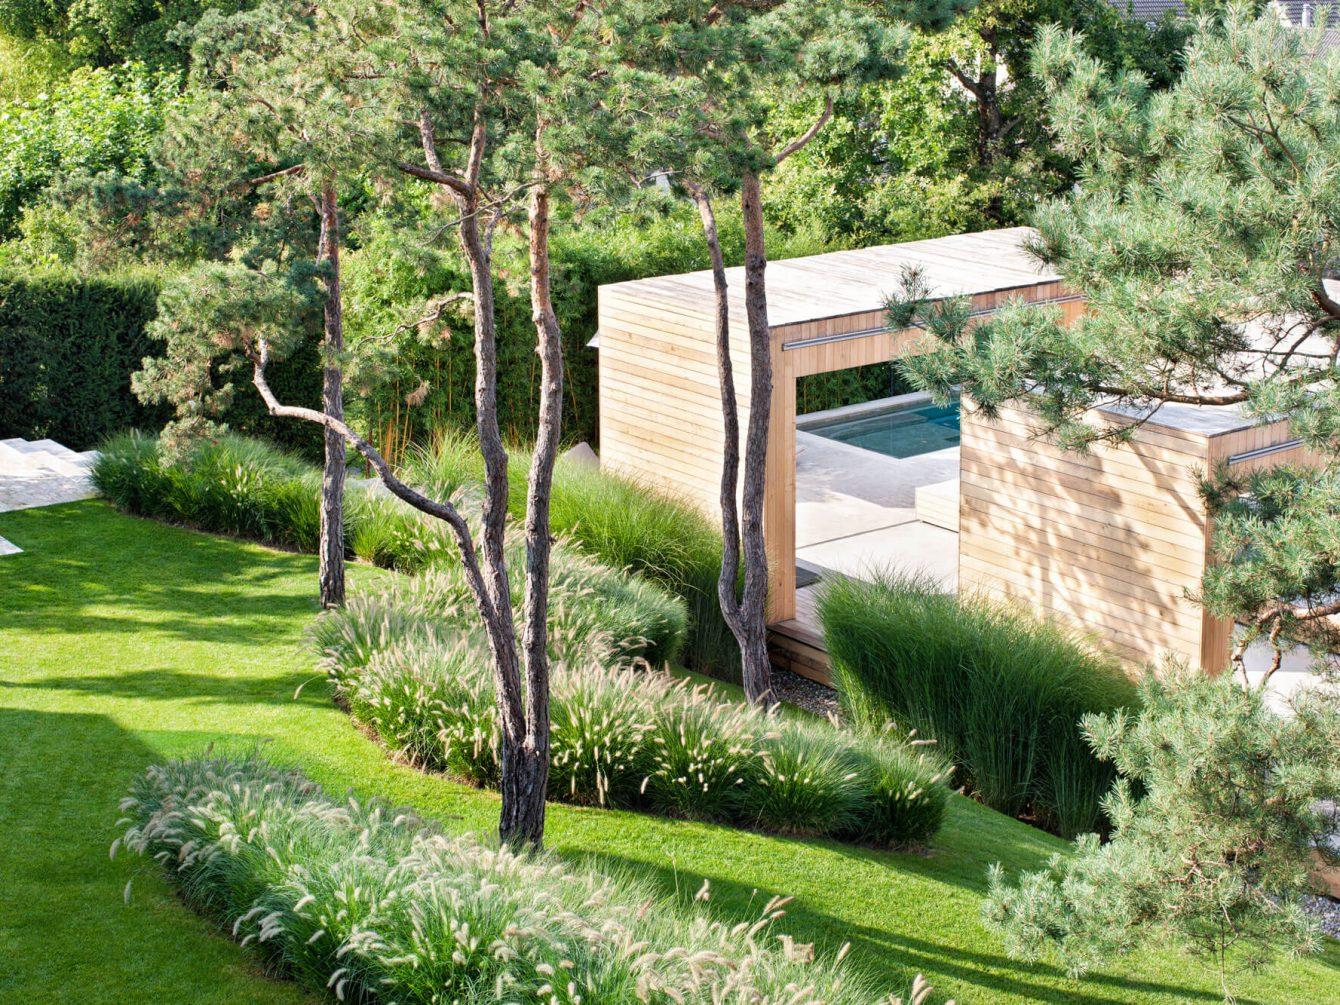 enea gmbhenea — landscape architecture., Garten dekoo